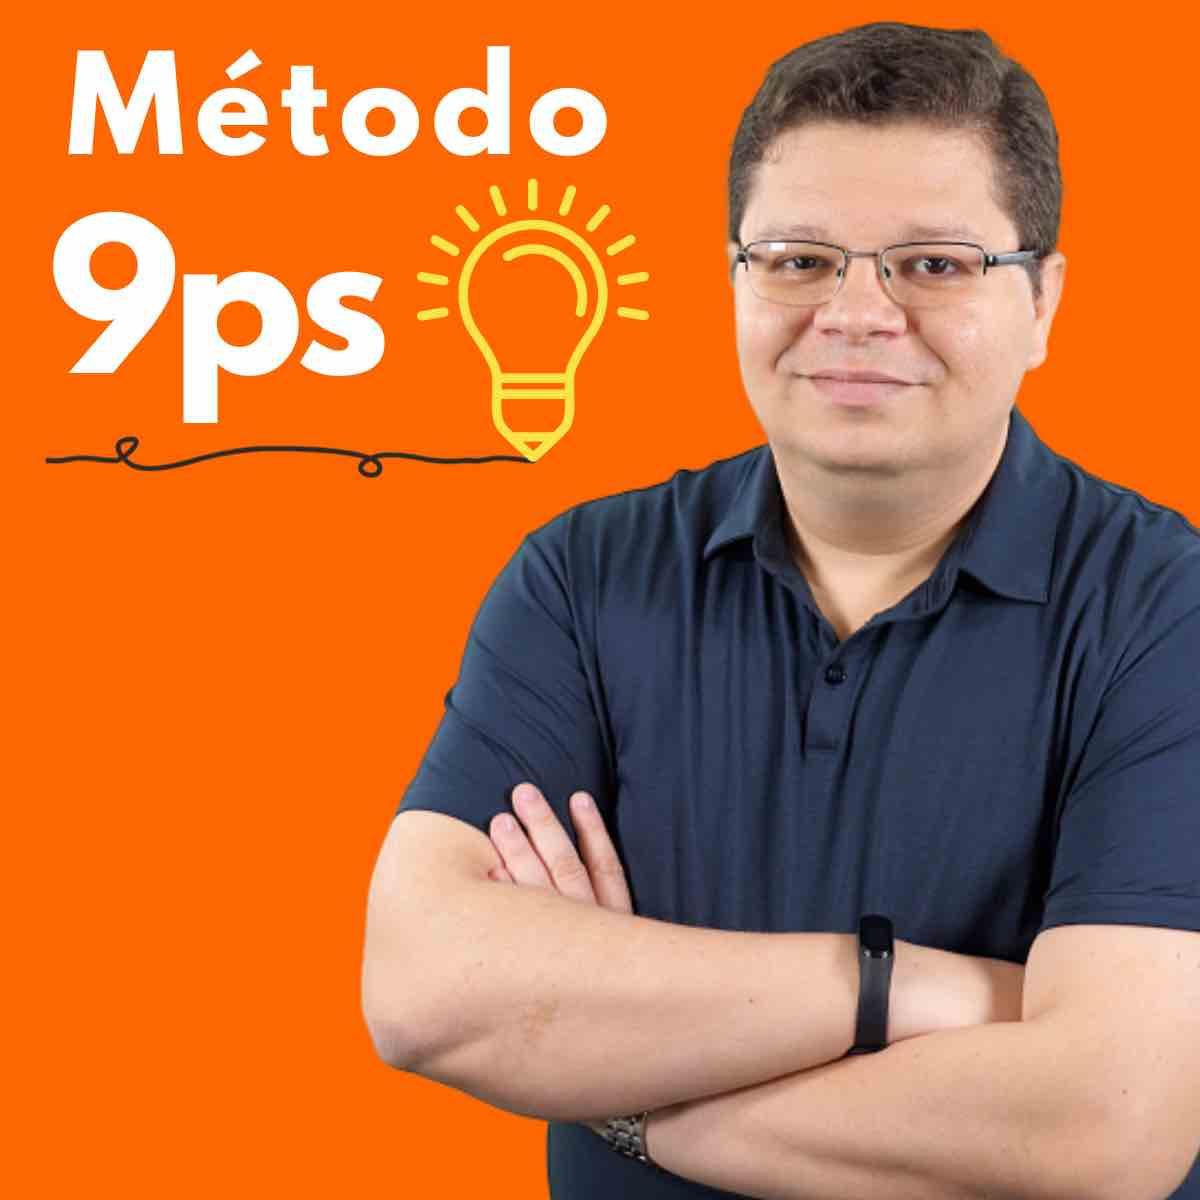 método 9ps andré fontenelle